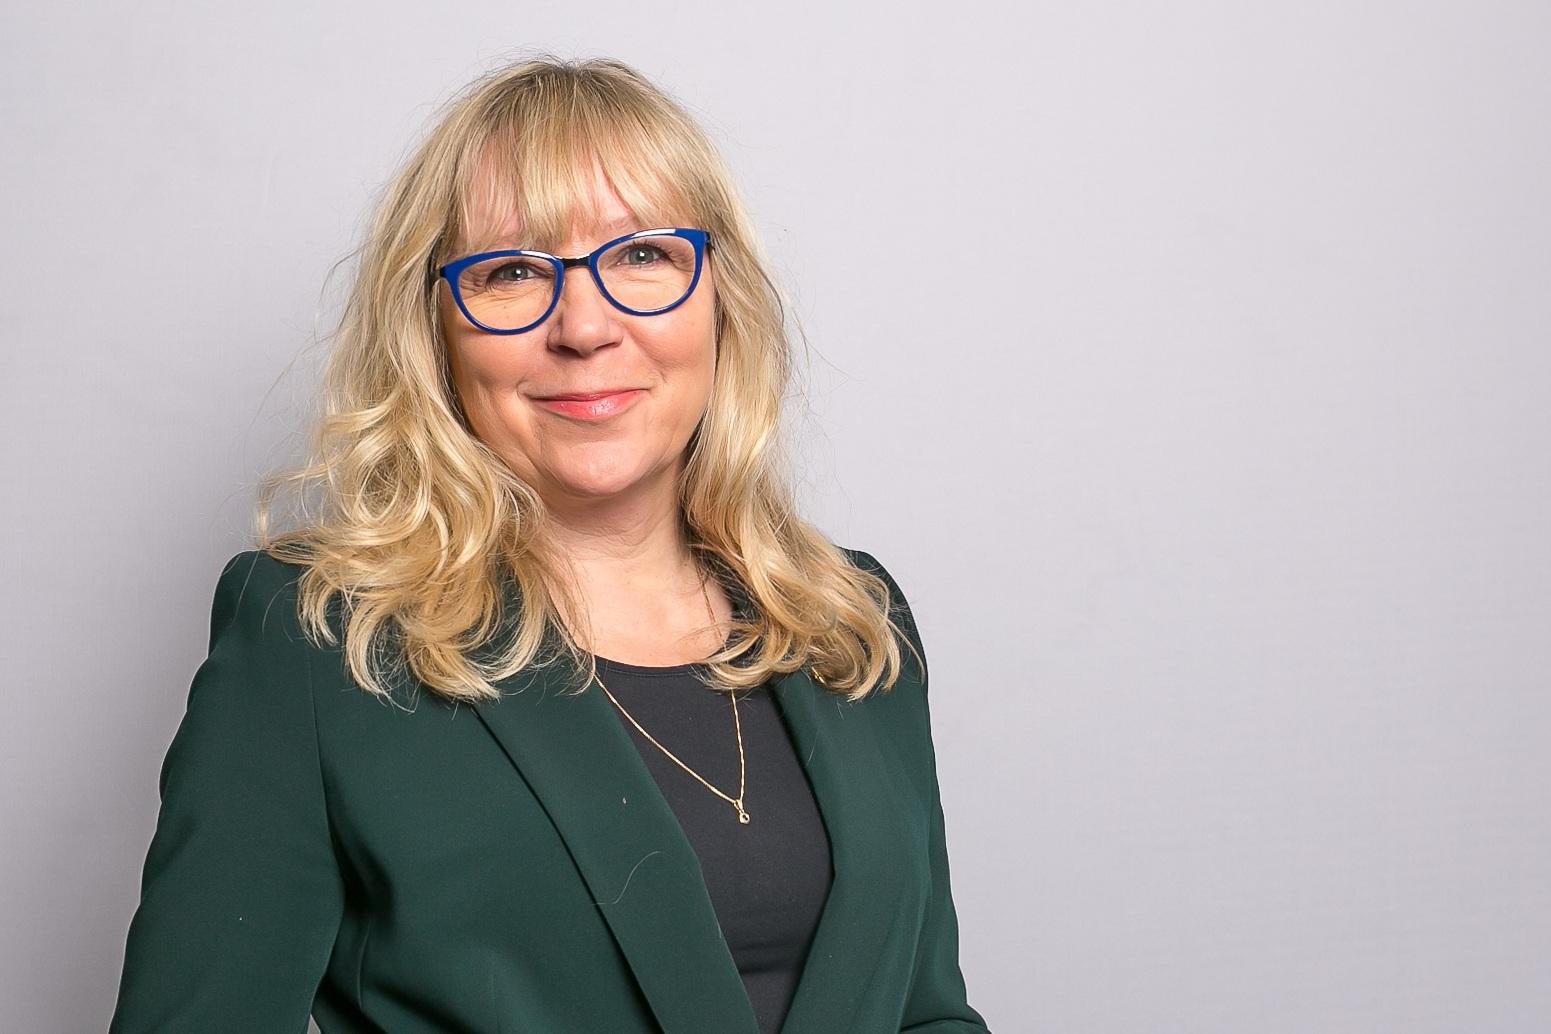 Veera Hämäläinen   Director of Communications  040 621 4747  veera.hamalainen@springvest.fi